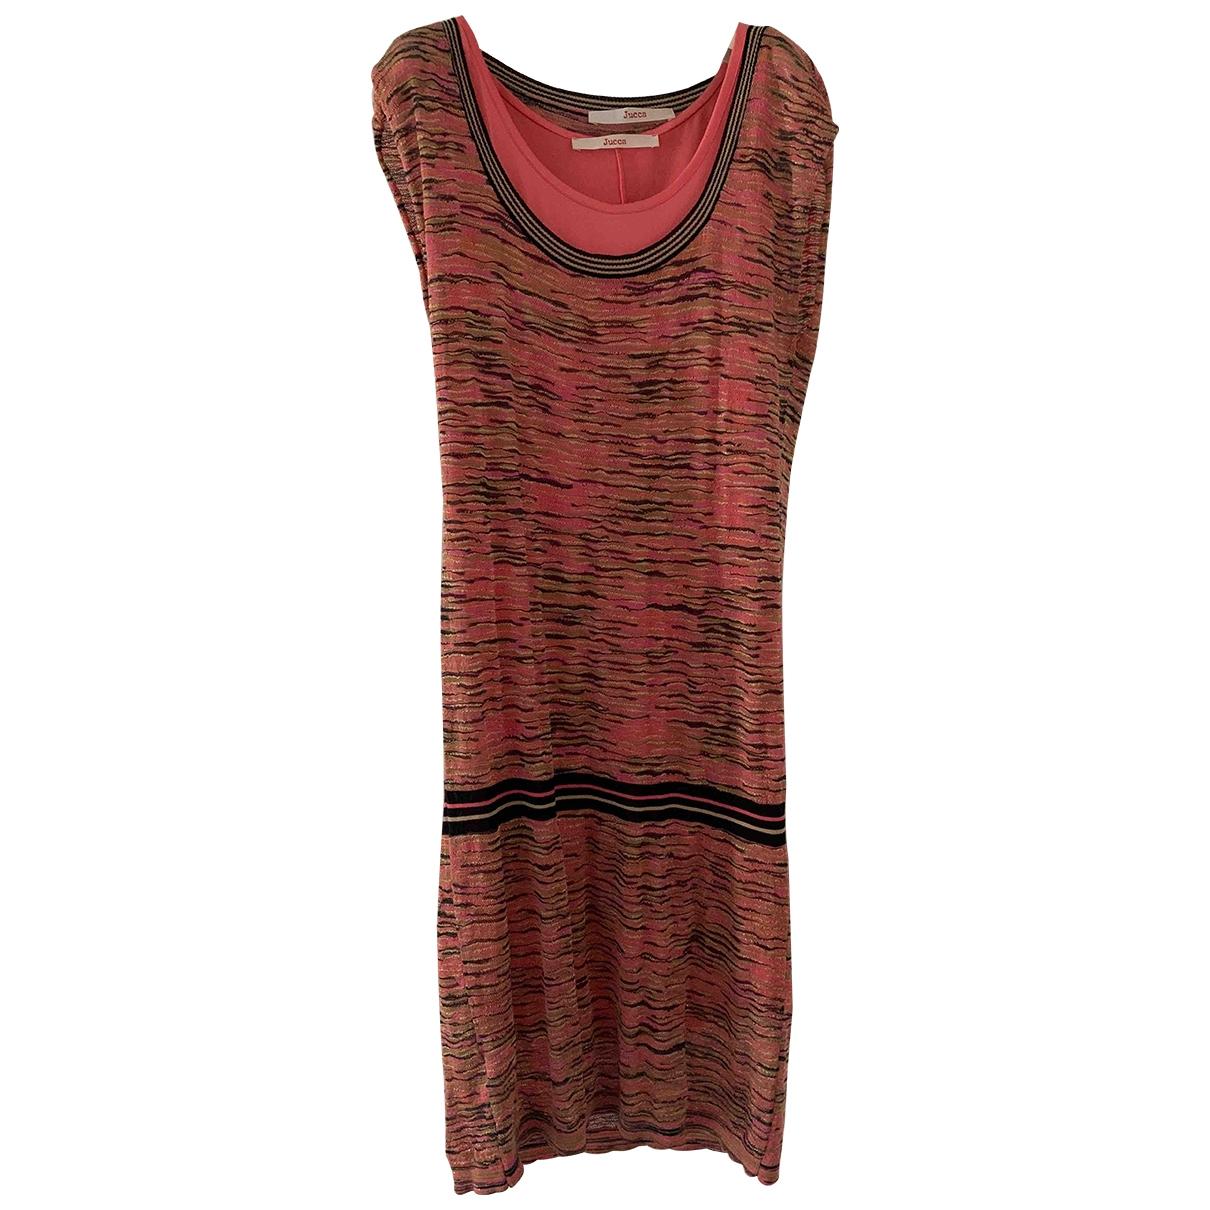 Jucca \N Kleid in  Bunt Baumwolle - Elasthan